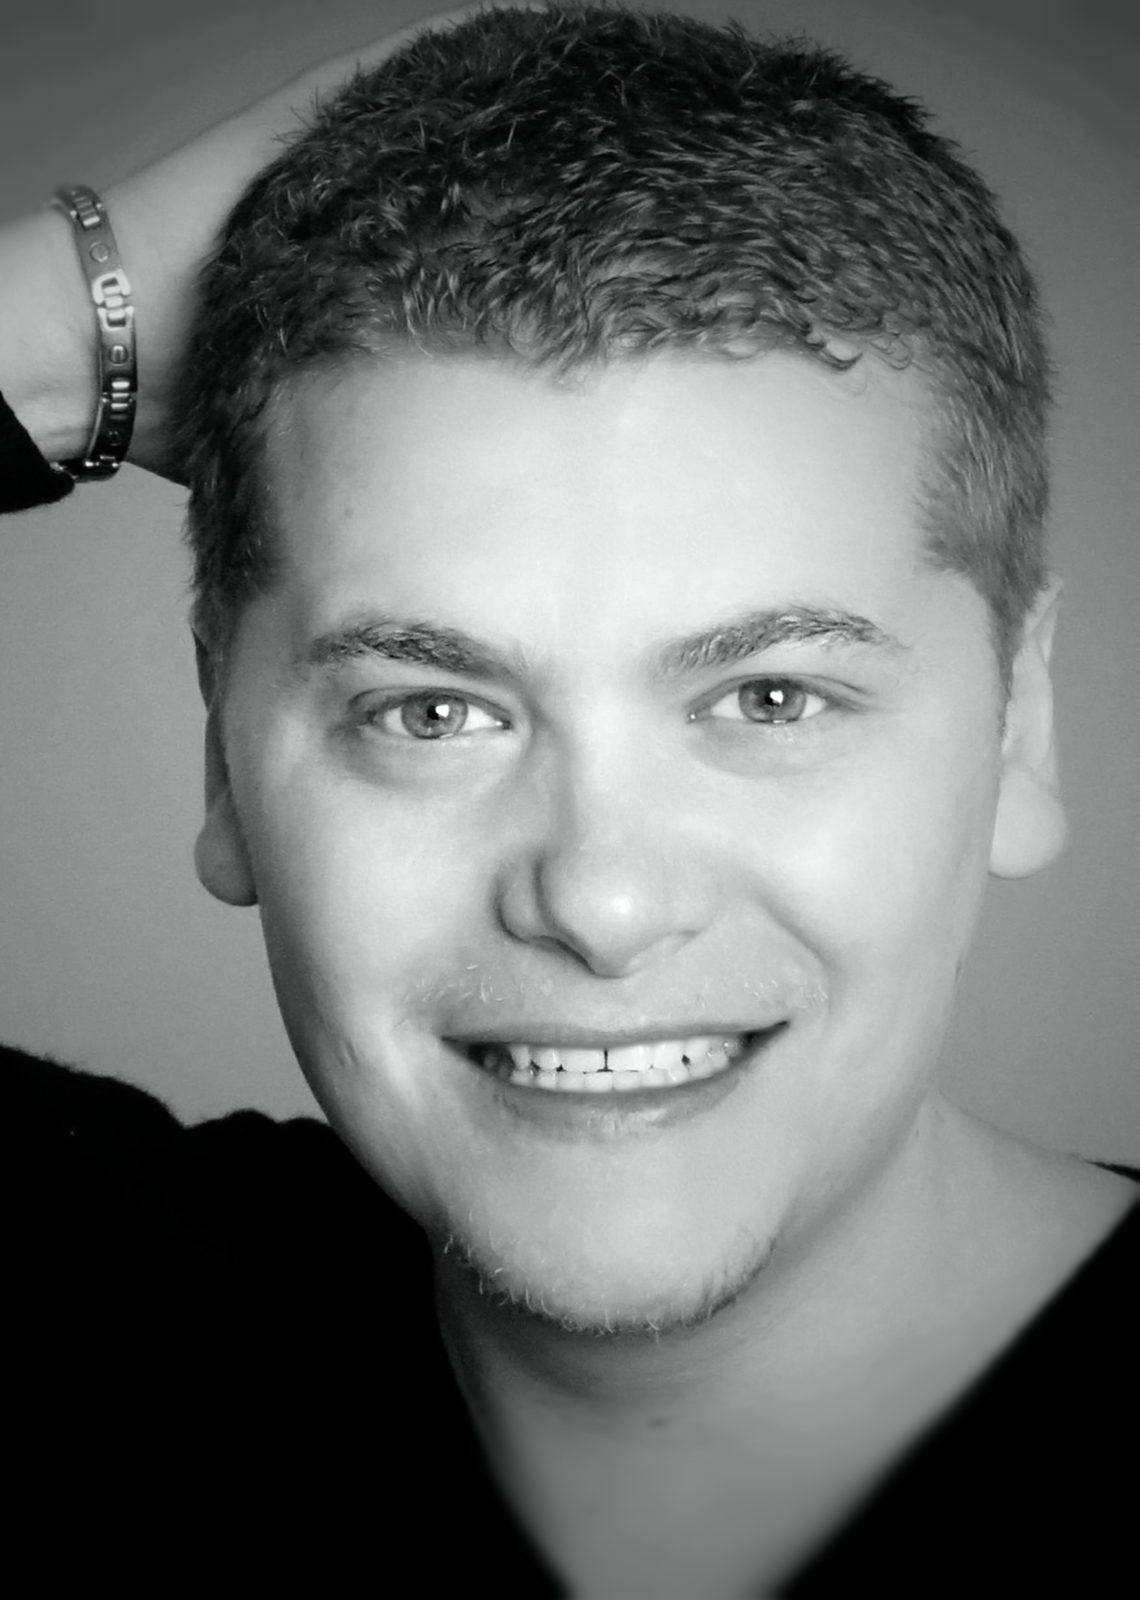 portait en noir et blanc du comédien acteur et voix off Clément Brun